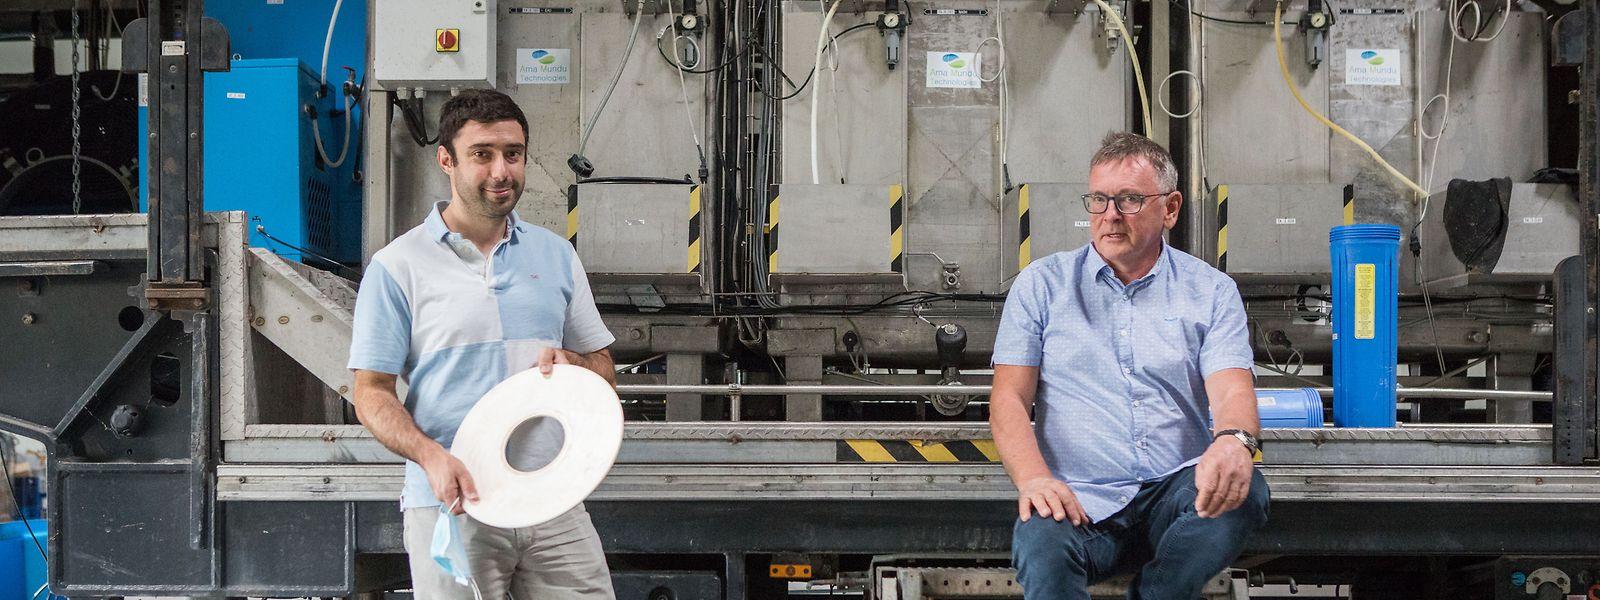 Geschäftsführer Vincent Popoff und Firmen-Co-Gründer Marcel Wilwert: Auf Nanoebene filtern die Keramikscheiben von Ama Mundu Technologies auch Viren aus dem Wasser.